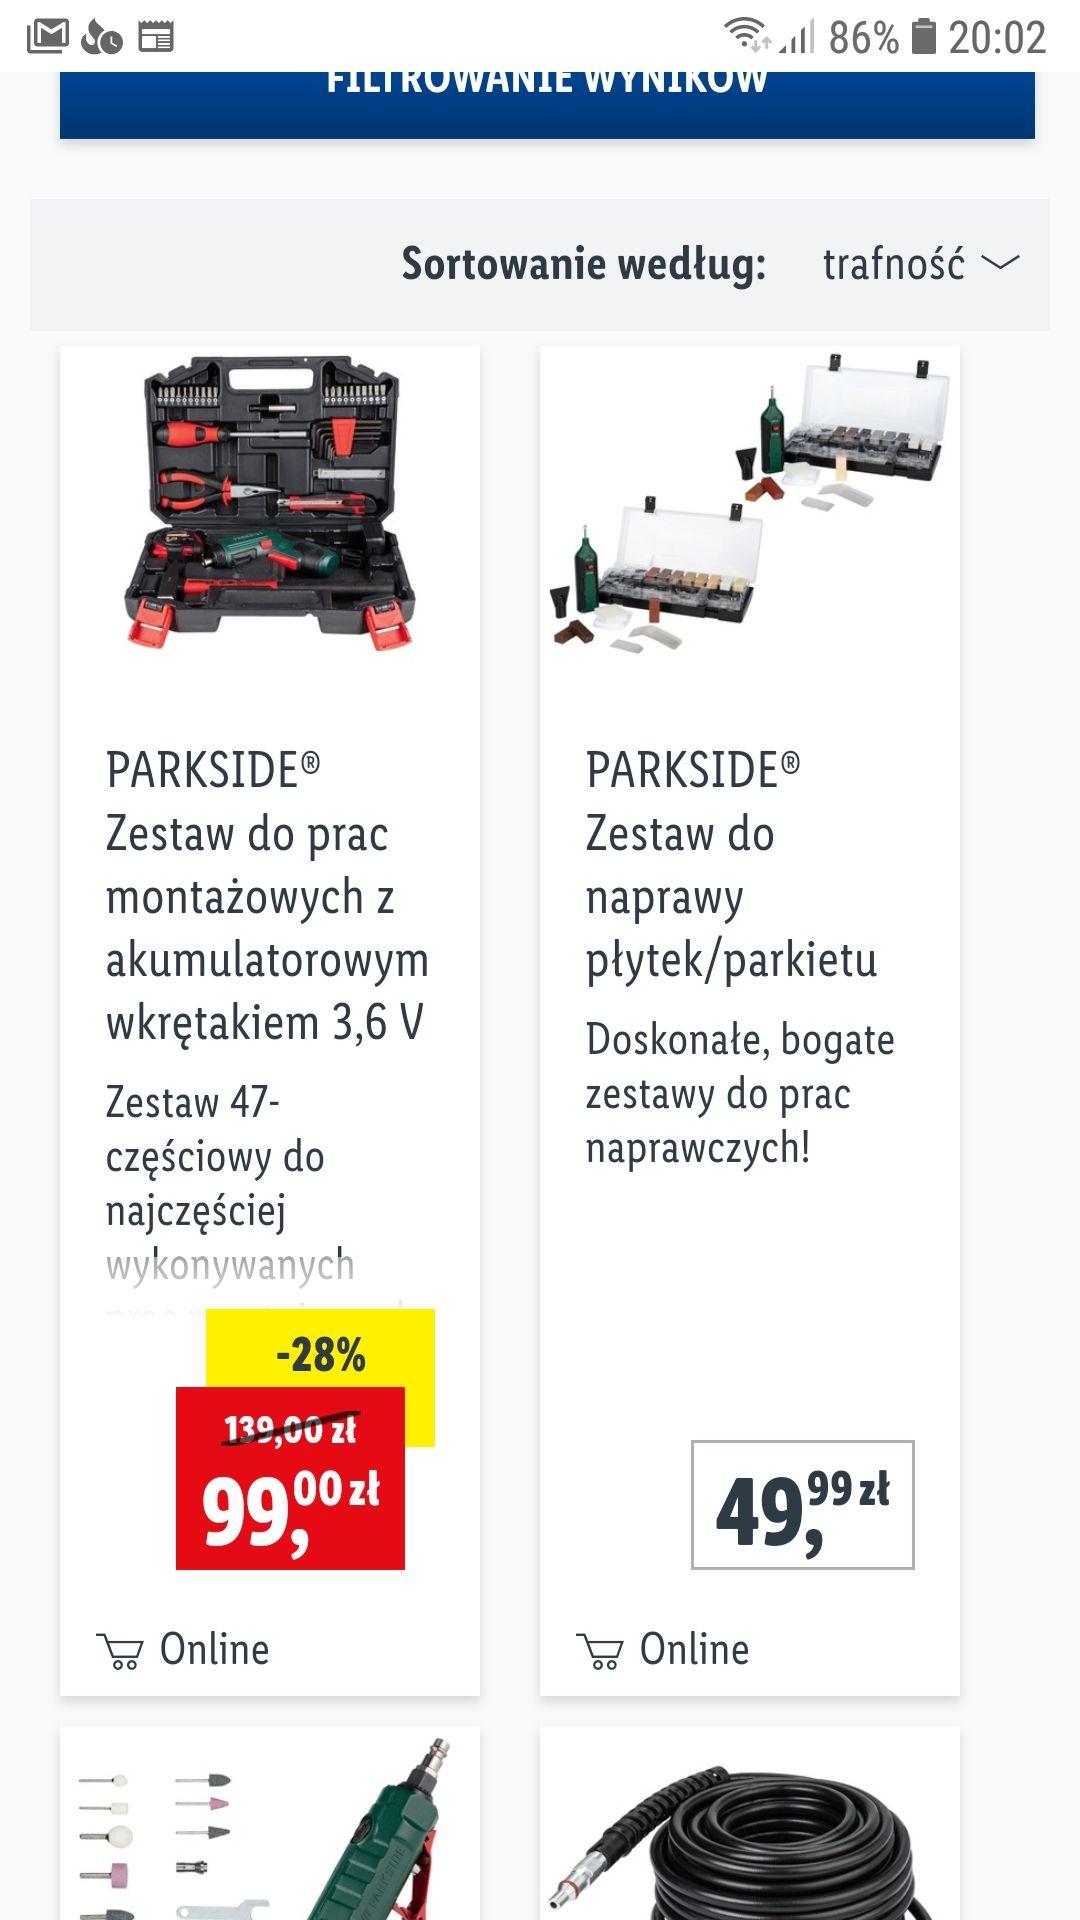 PARKSIDE® Zestaw do prac montażowych z akumulatorowym wkrętakiem 3,6 V